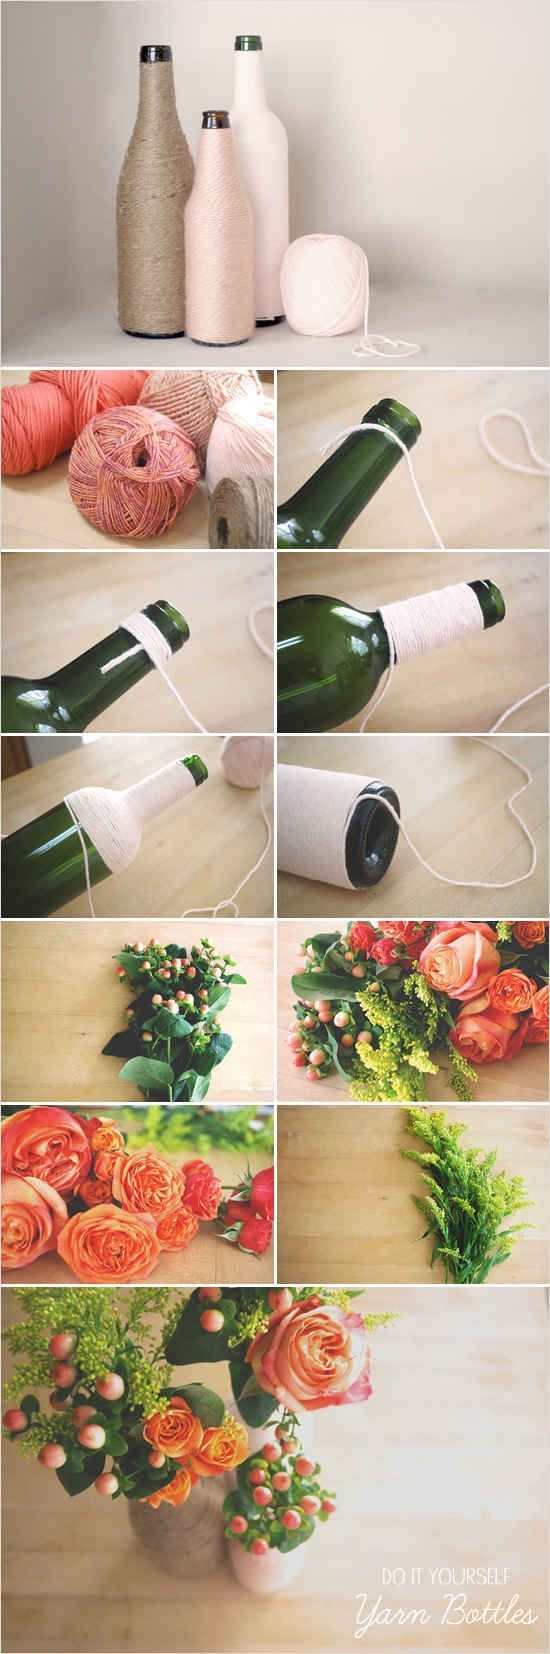 Diy wine bottles wedding centerpiece himisspuffdiy